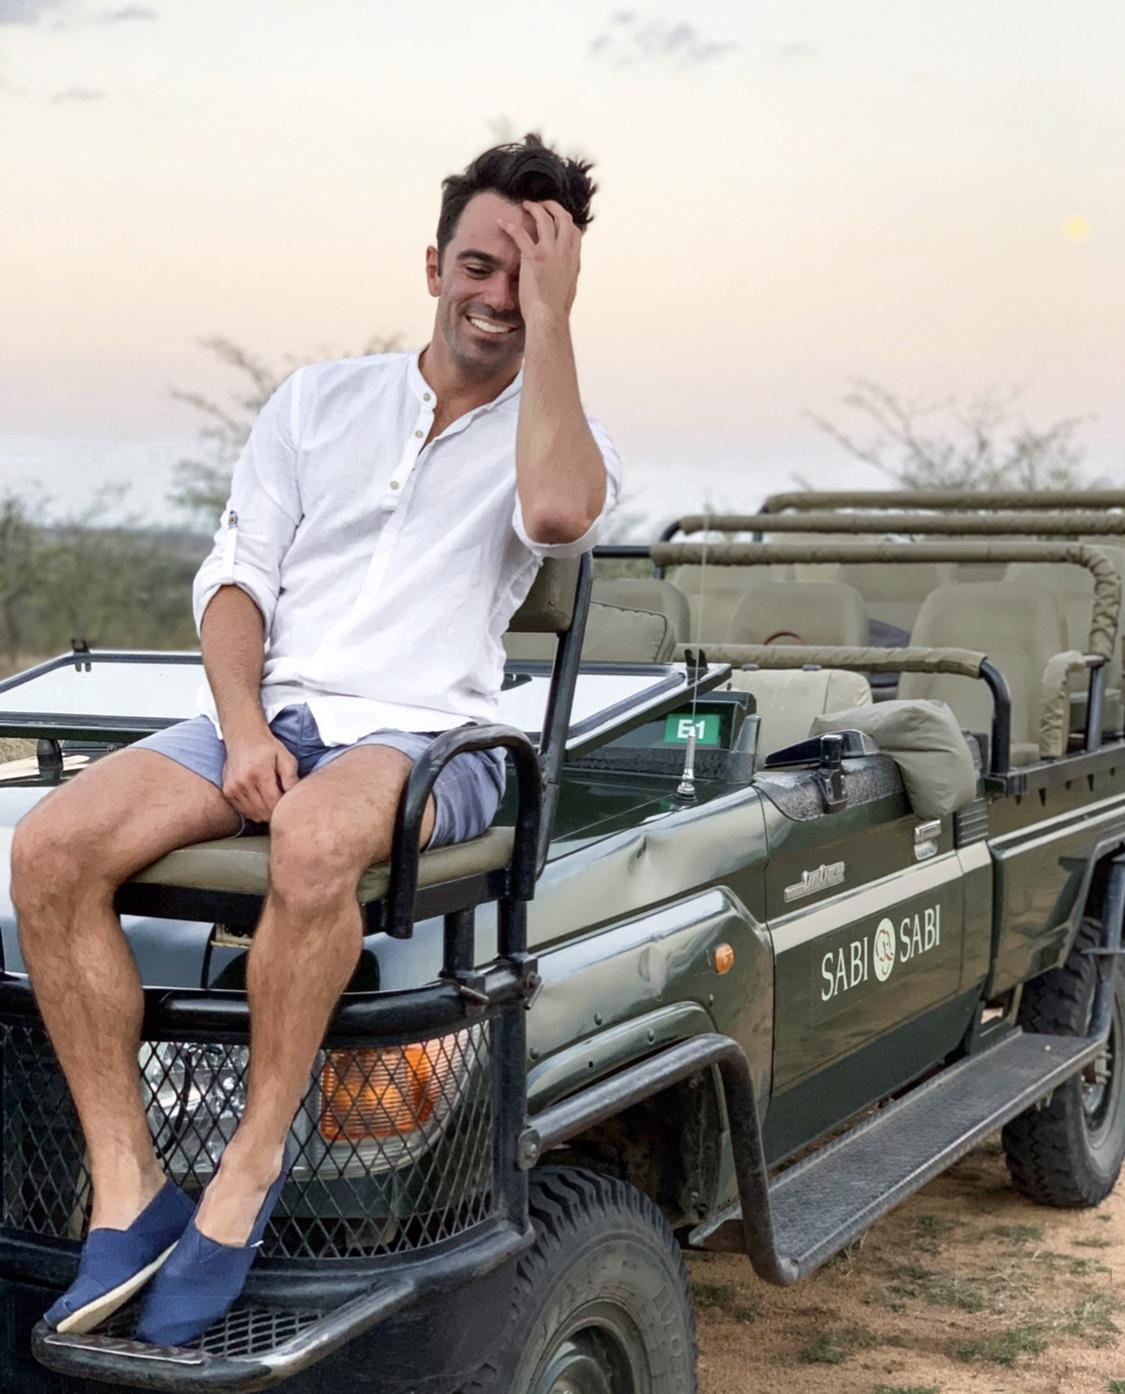 Sabi Sabi Private Game Reserve South Africa Justin Walter